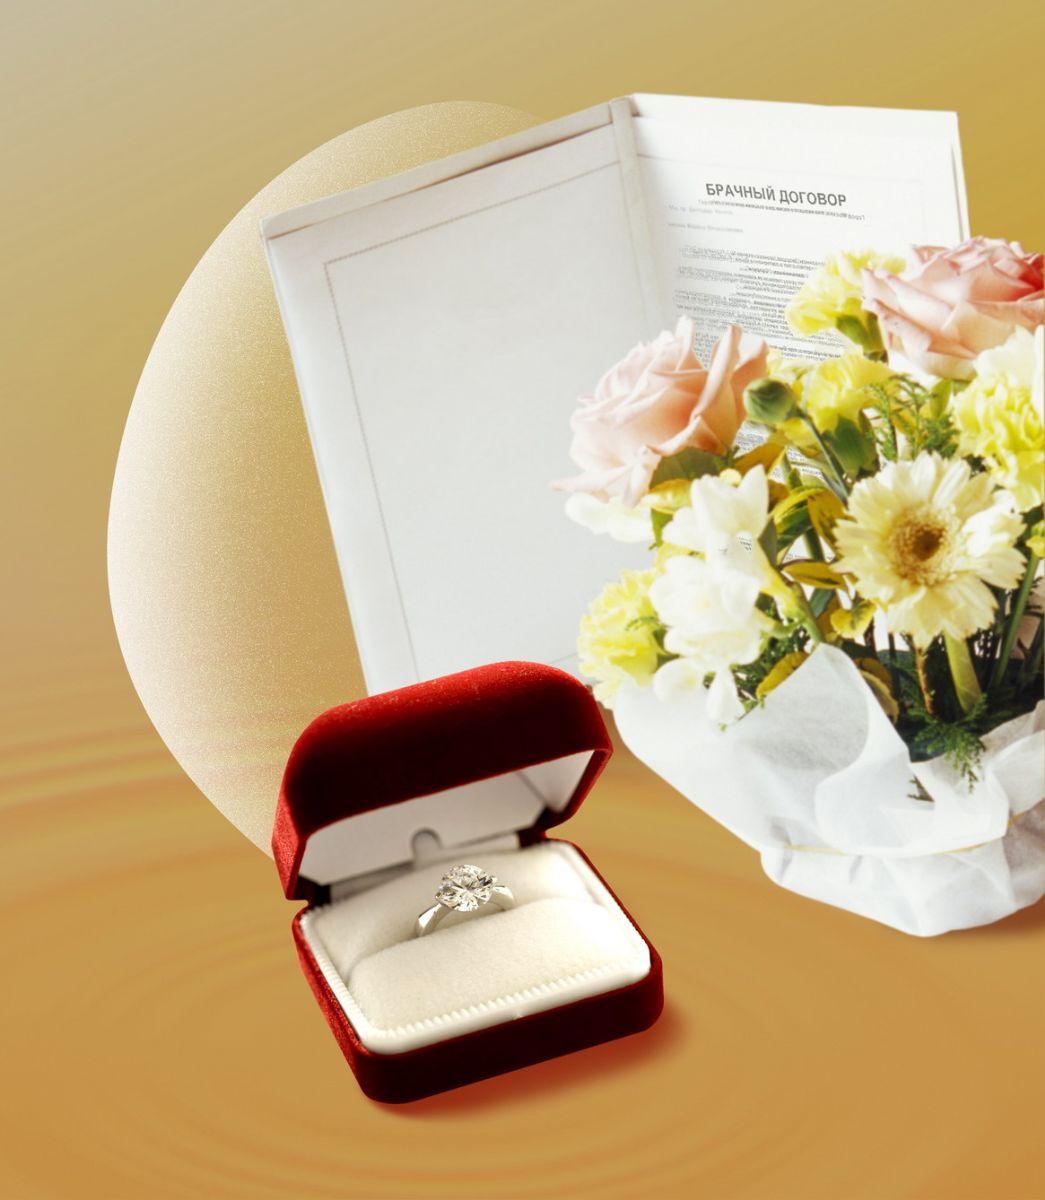 днем брачный контракт фото убедиться хорошей фиксации